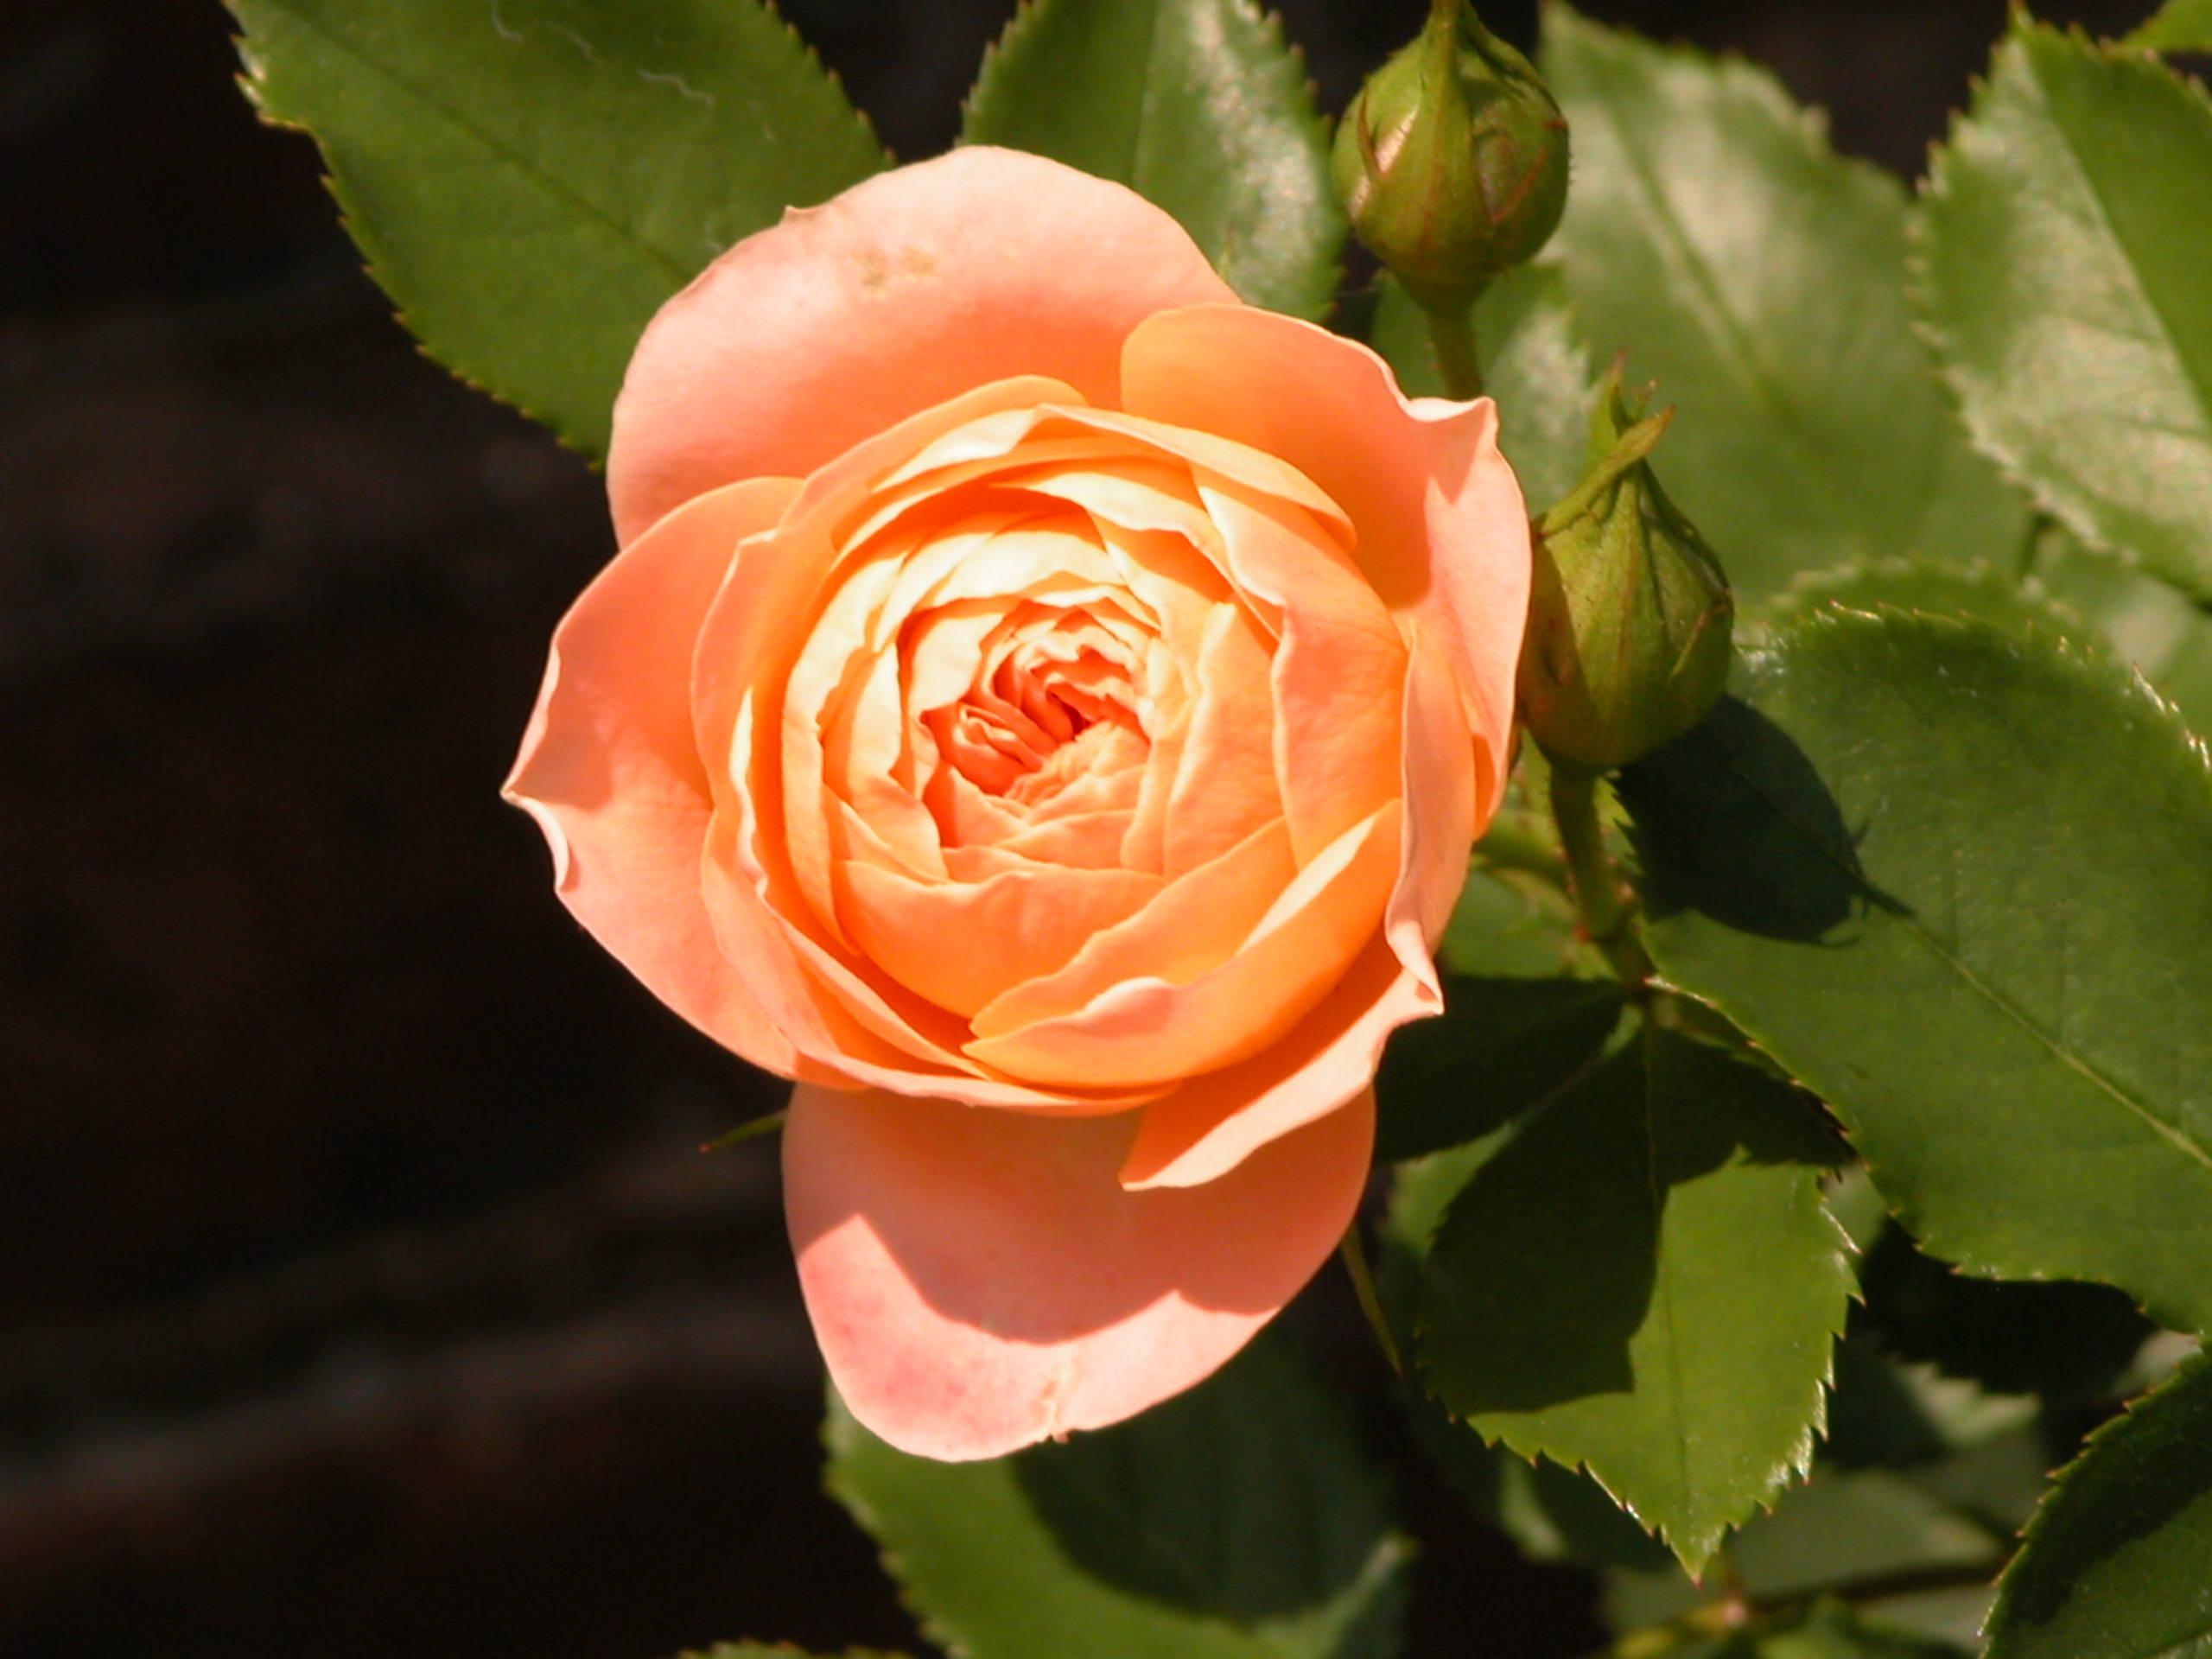 Rose Flower Garden Hd Wallpaper Cabbage Rose Wallpaper Hd Pixelstalk Net